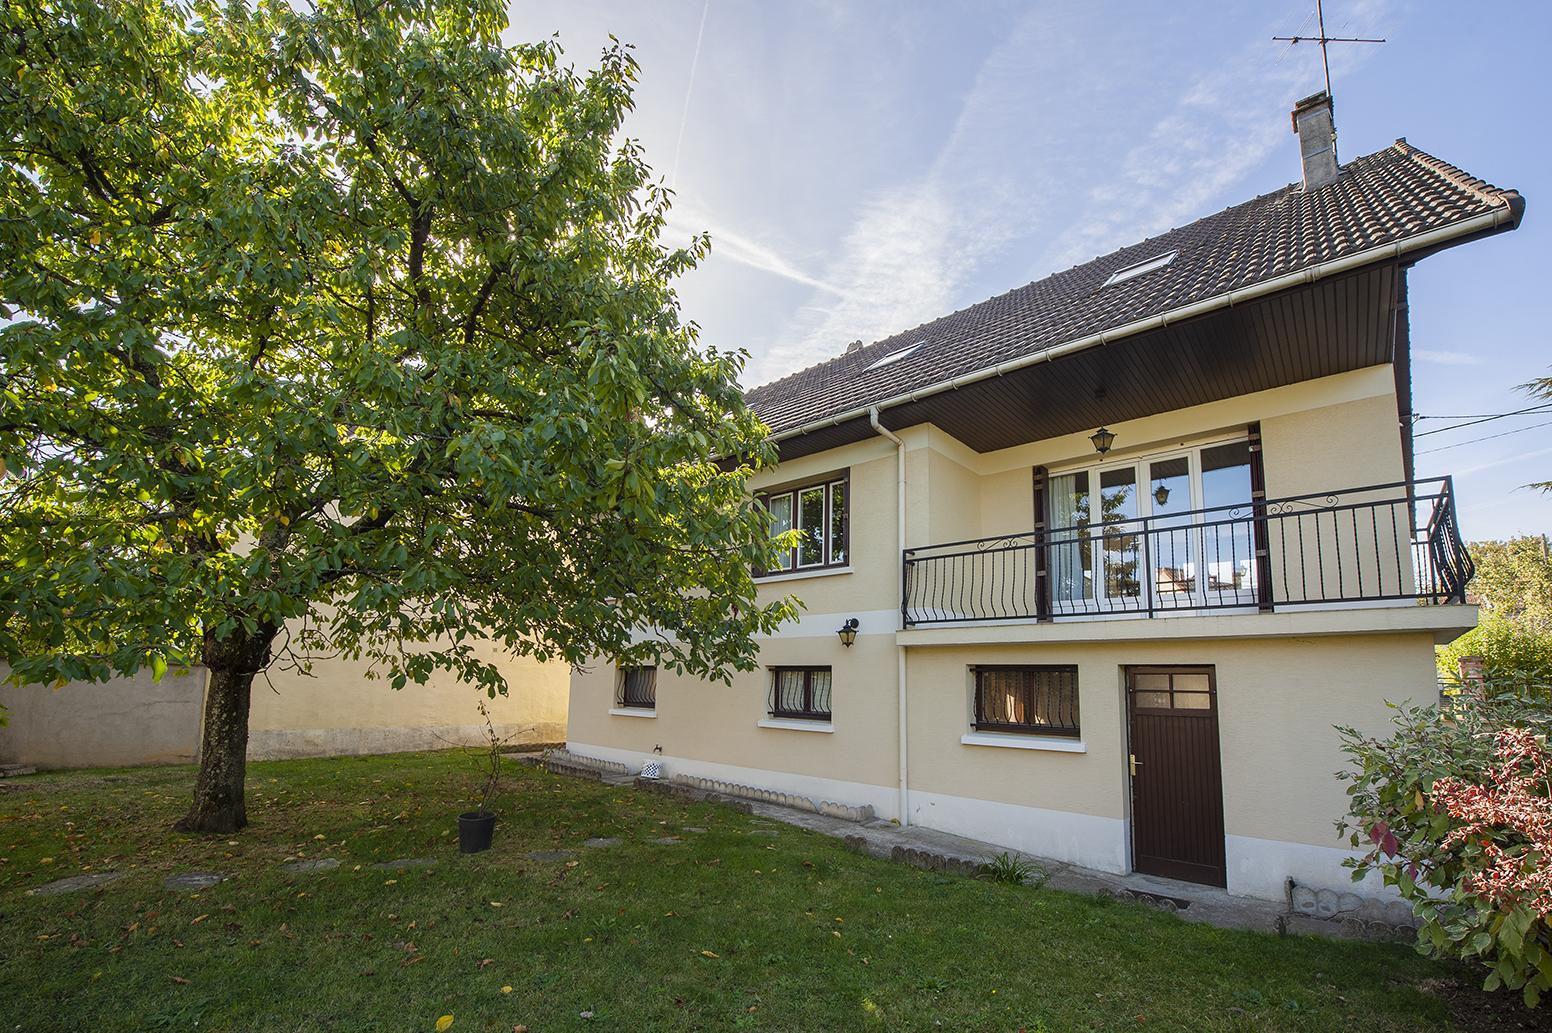 Maison 8 pièces 180m2 à Villiers sur Marne (94350)